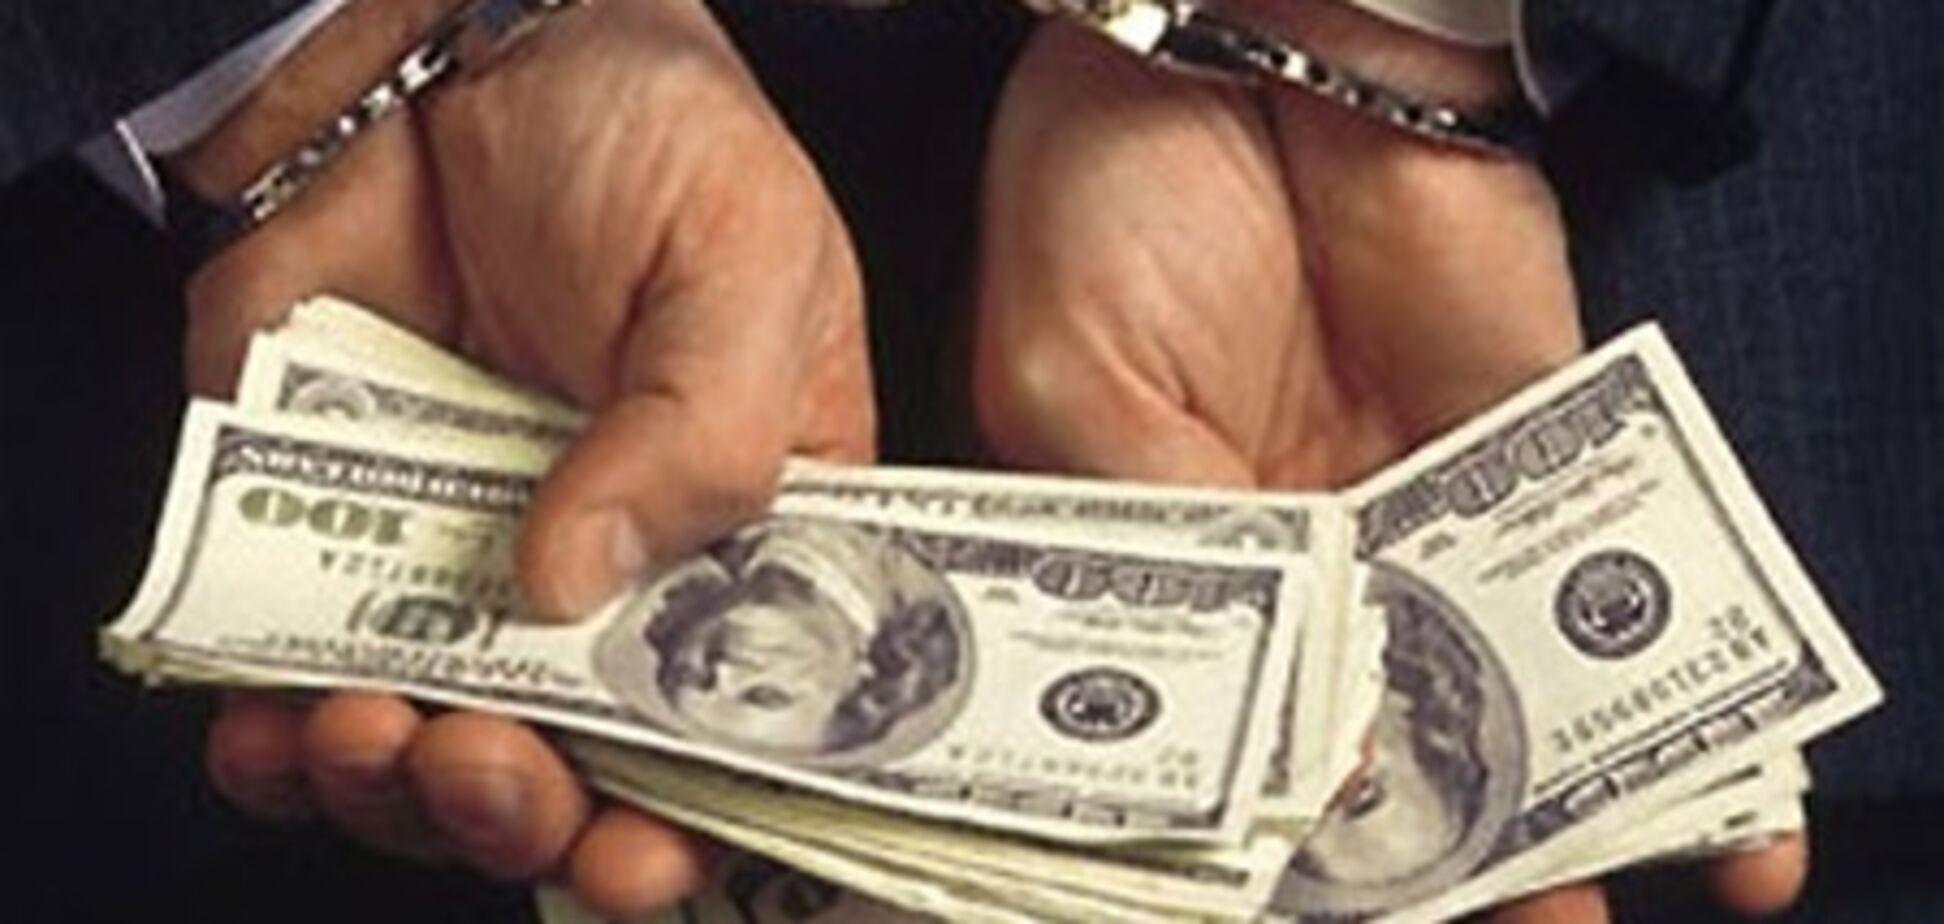 Мэр хотел 'заработать' $2000, а получит 10 лет тюрьмы